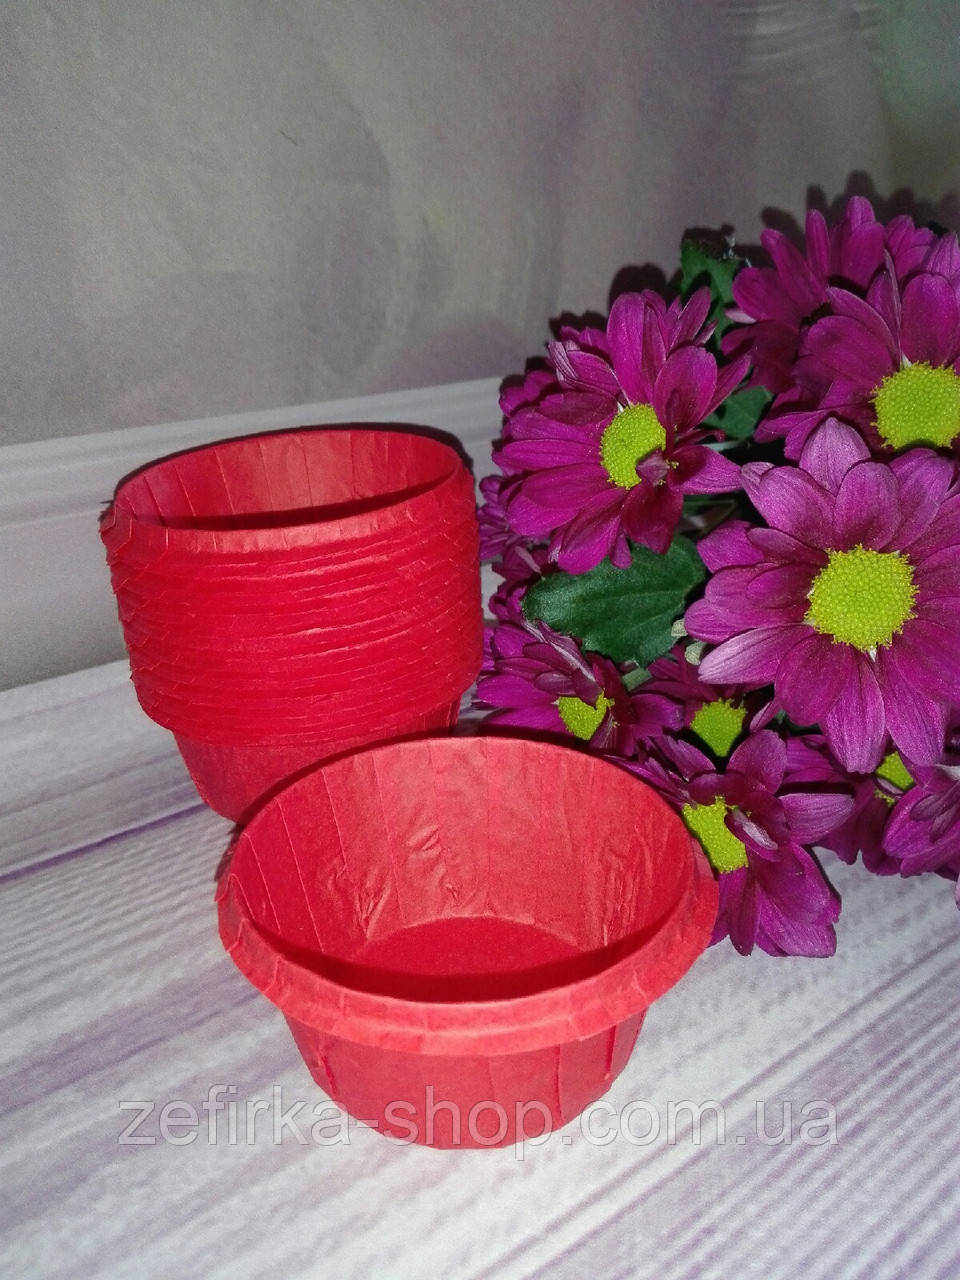 Формы бумажные для кексов усиленные с бортиком красные, 5* 3 см, 10 шт